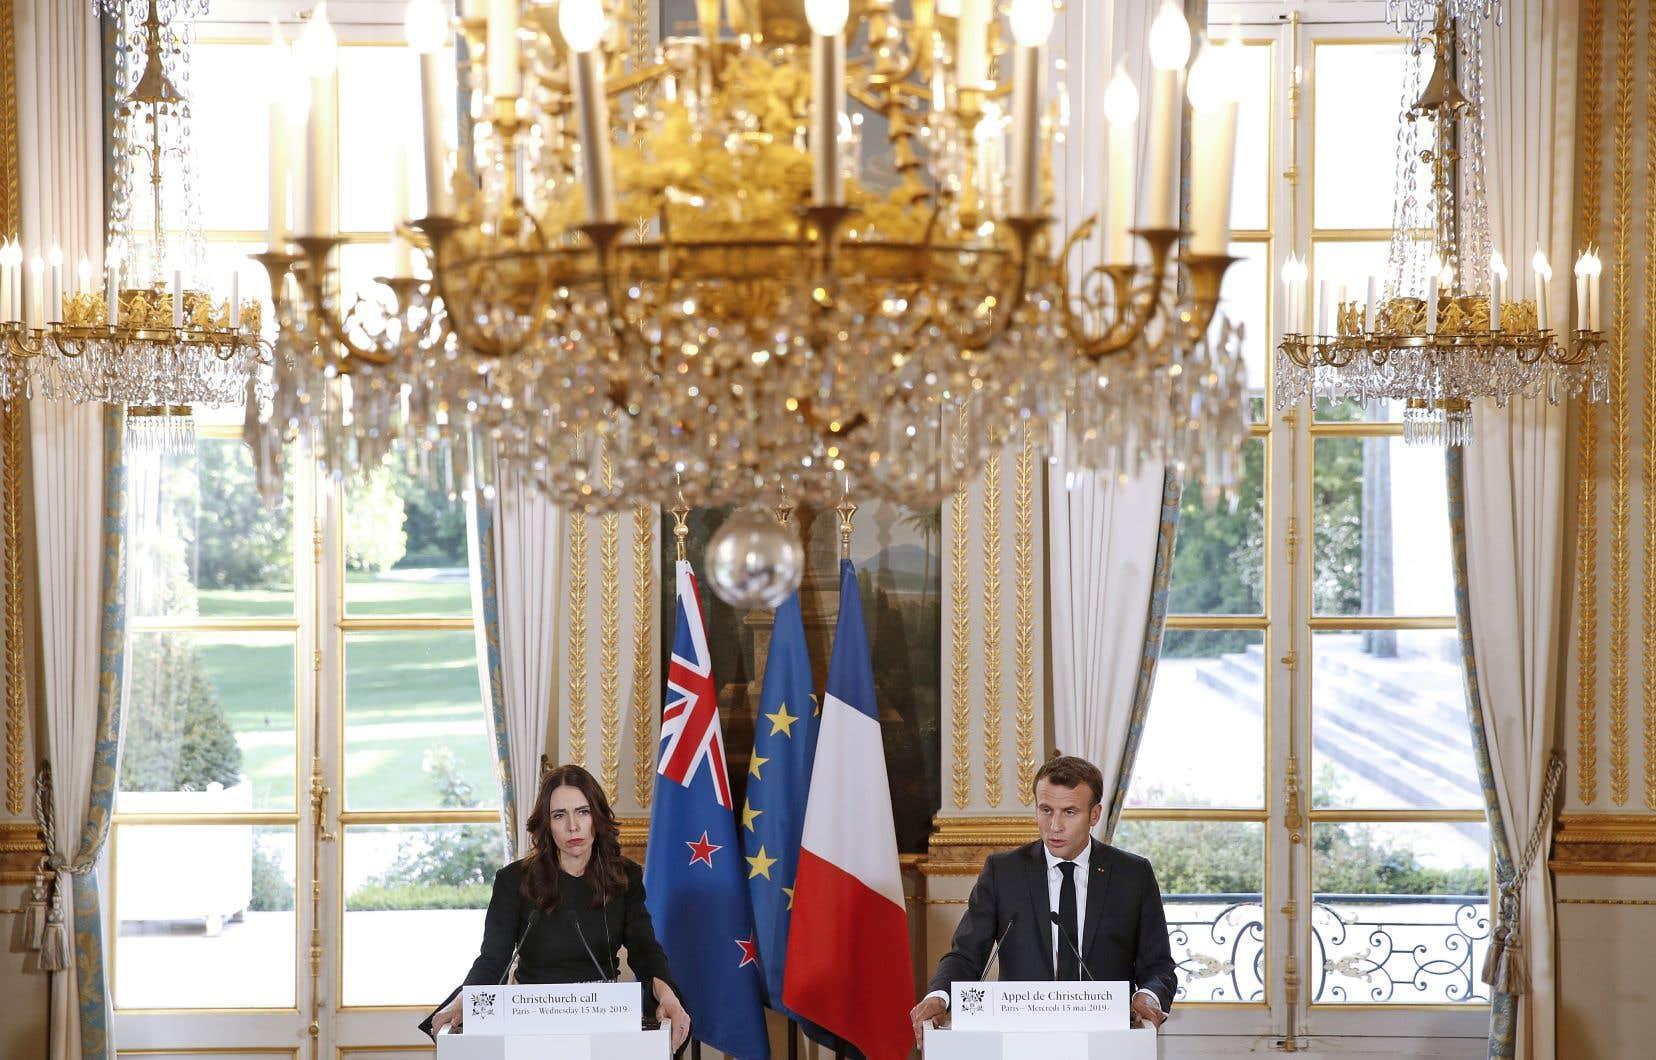 Cet «appel» a été lancé par le président français, Emmanuel Macron, et la première ministre néo-zélandaise Jacinda Ardern, deux mois après la diffusion en direct sur Facebook de l'attaque contre des mosquées en Nouvelle-Zélande.